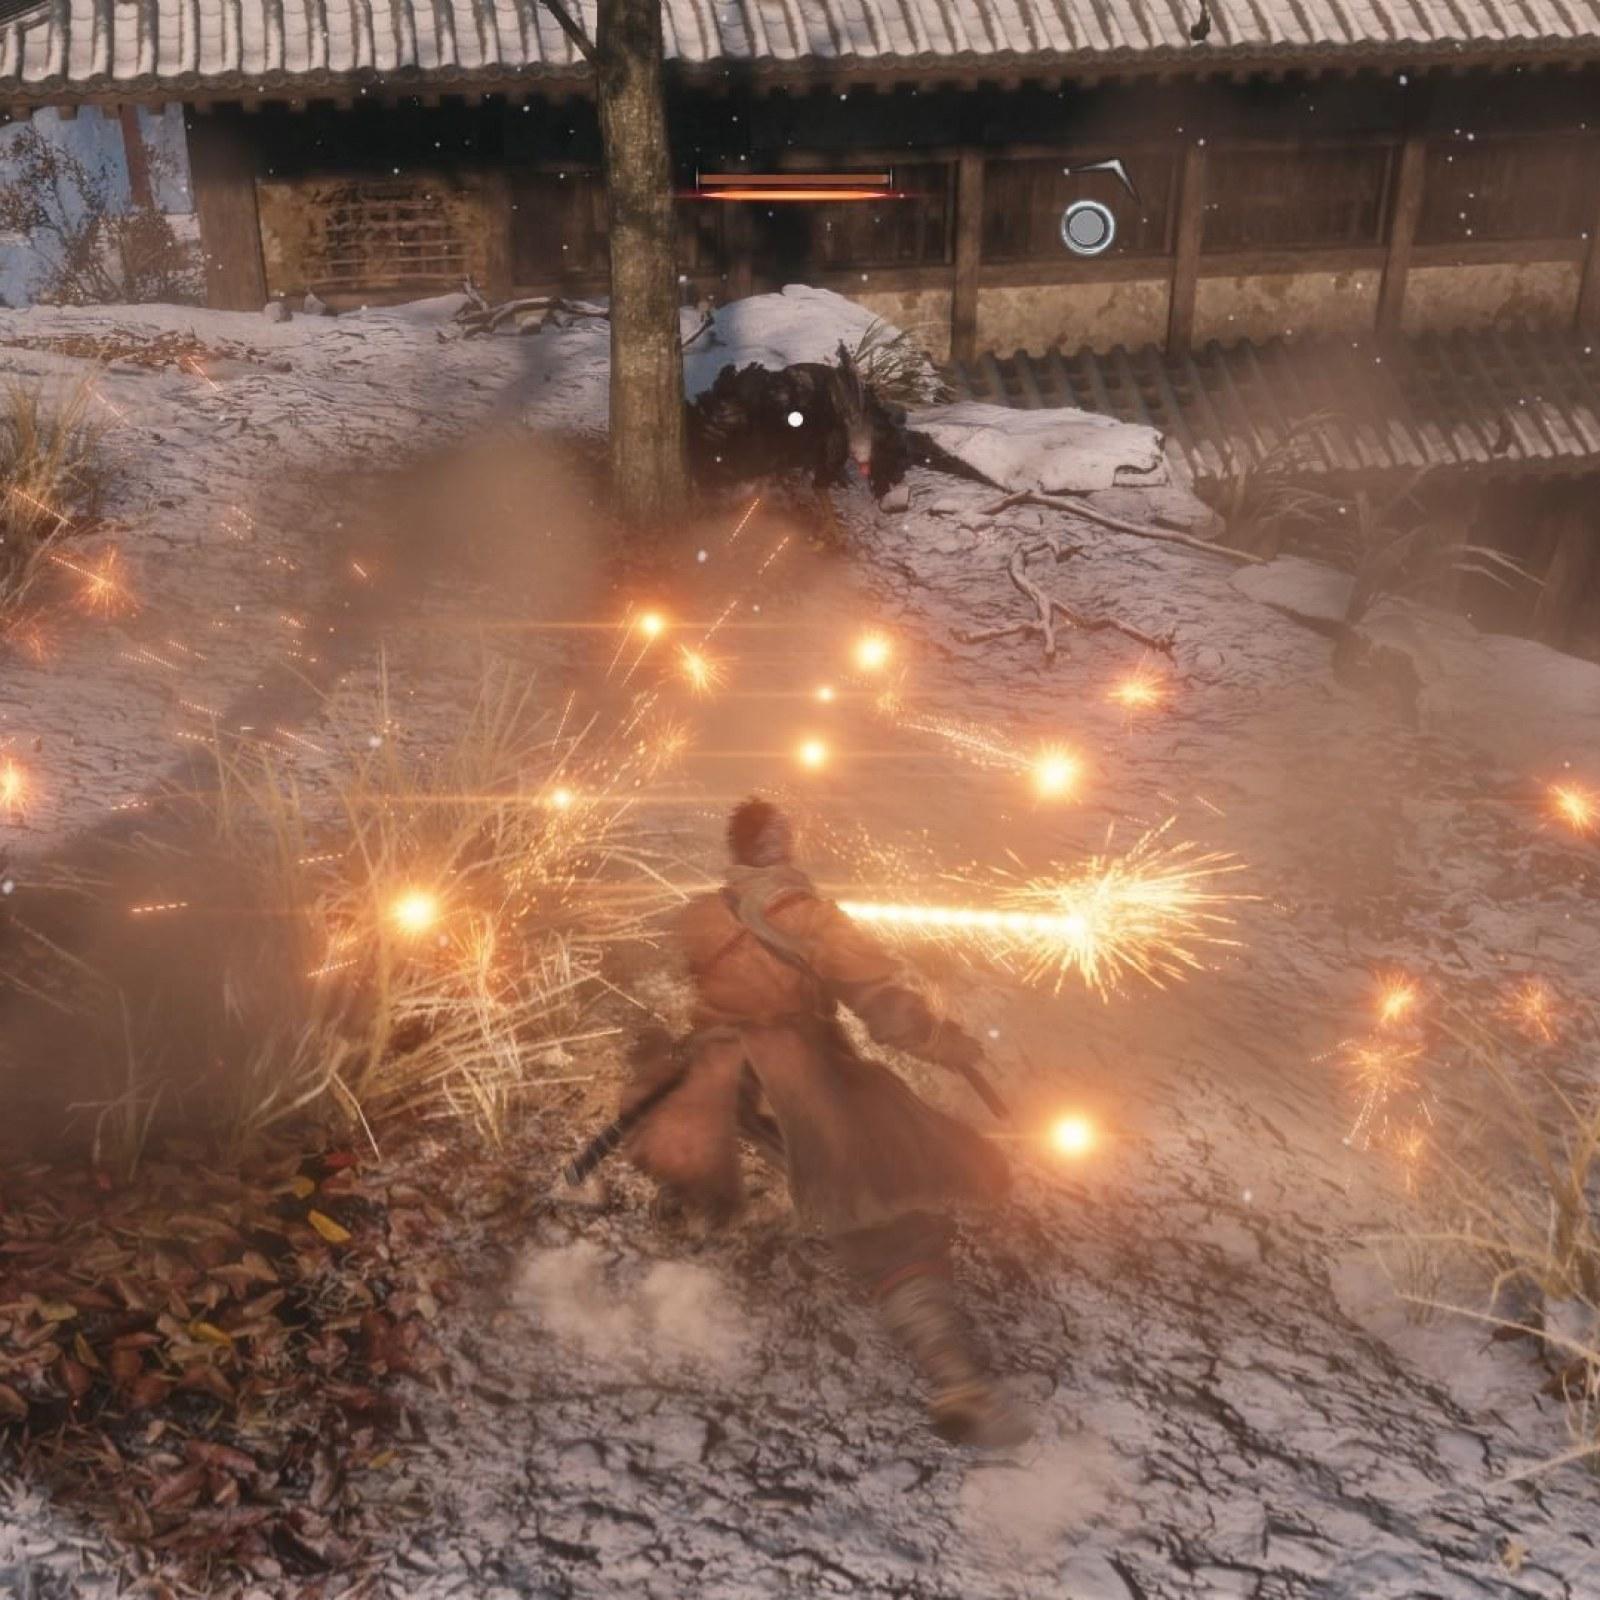 Sekiro' Shinobi Firecracker Location: Where To Find The